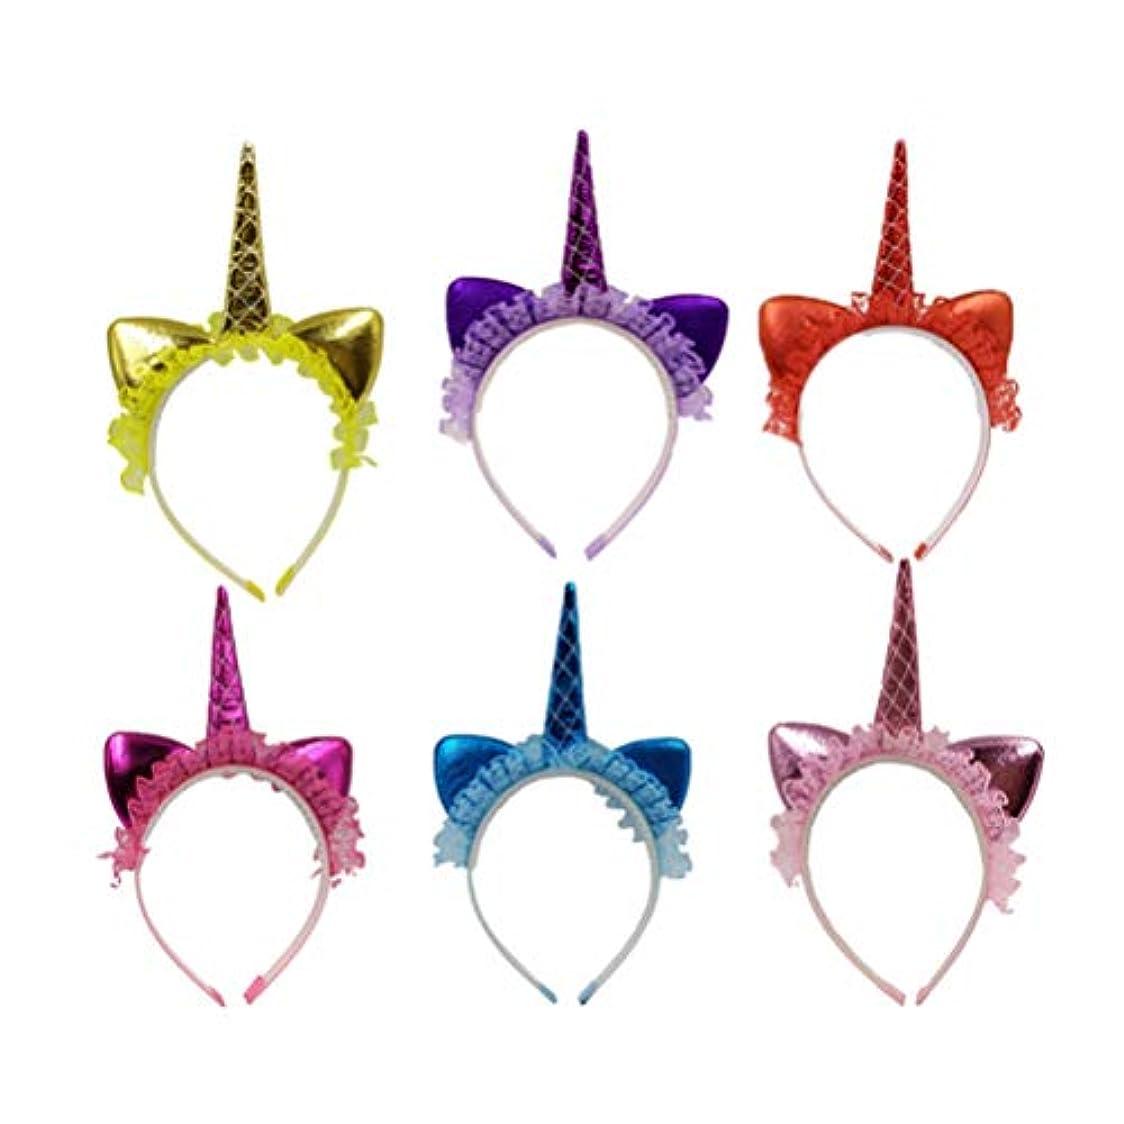 メタンずるい時間厳守NUOBESTY 6PCS女の子女性子供パフォーマンスのコスプレ衣装パーティーのためのユニコーンヘッドバンドのレースの花のホーンヘアフープヘッドピースの頭飾り